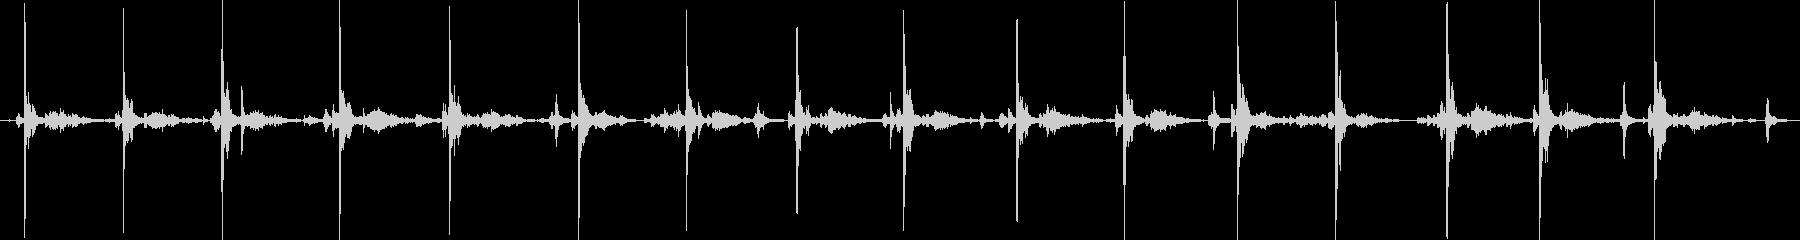 タイプライター16連打の未再生の波形